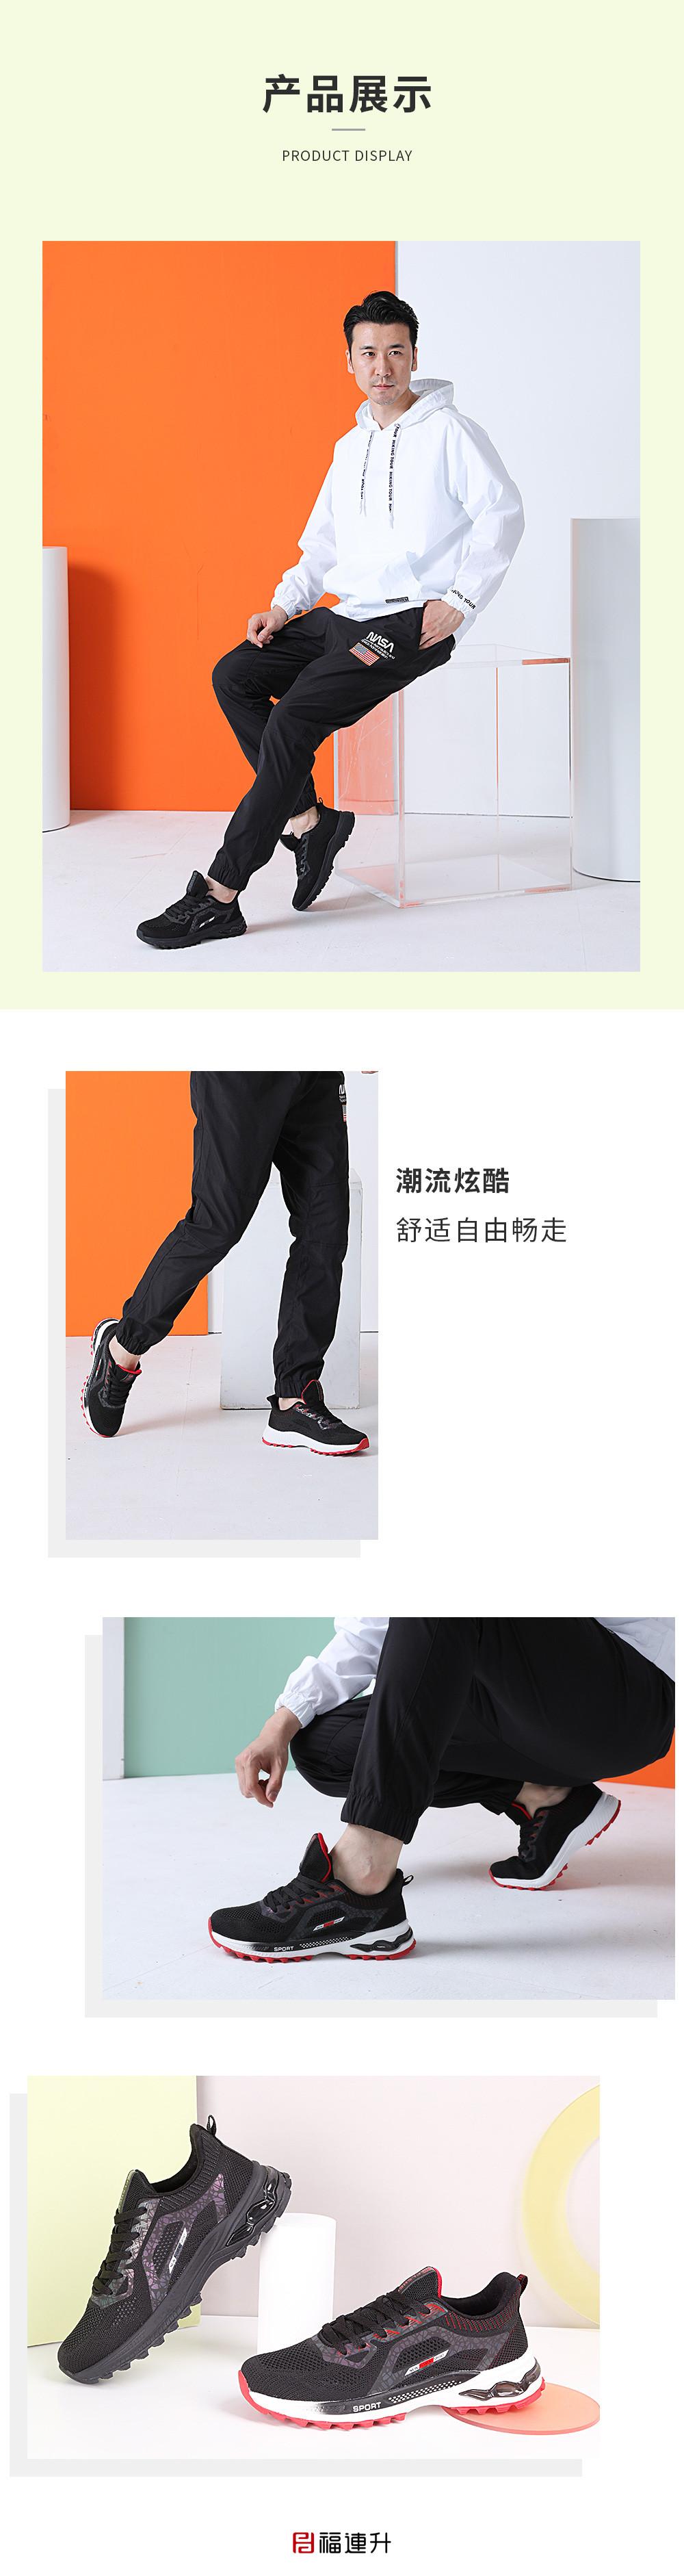 棉麻舒适透气运动轻便旅行户外鞋防滑男鞋中年鞋图片